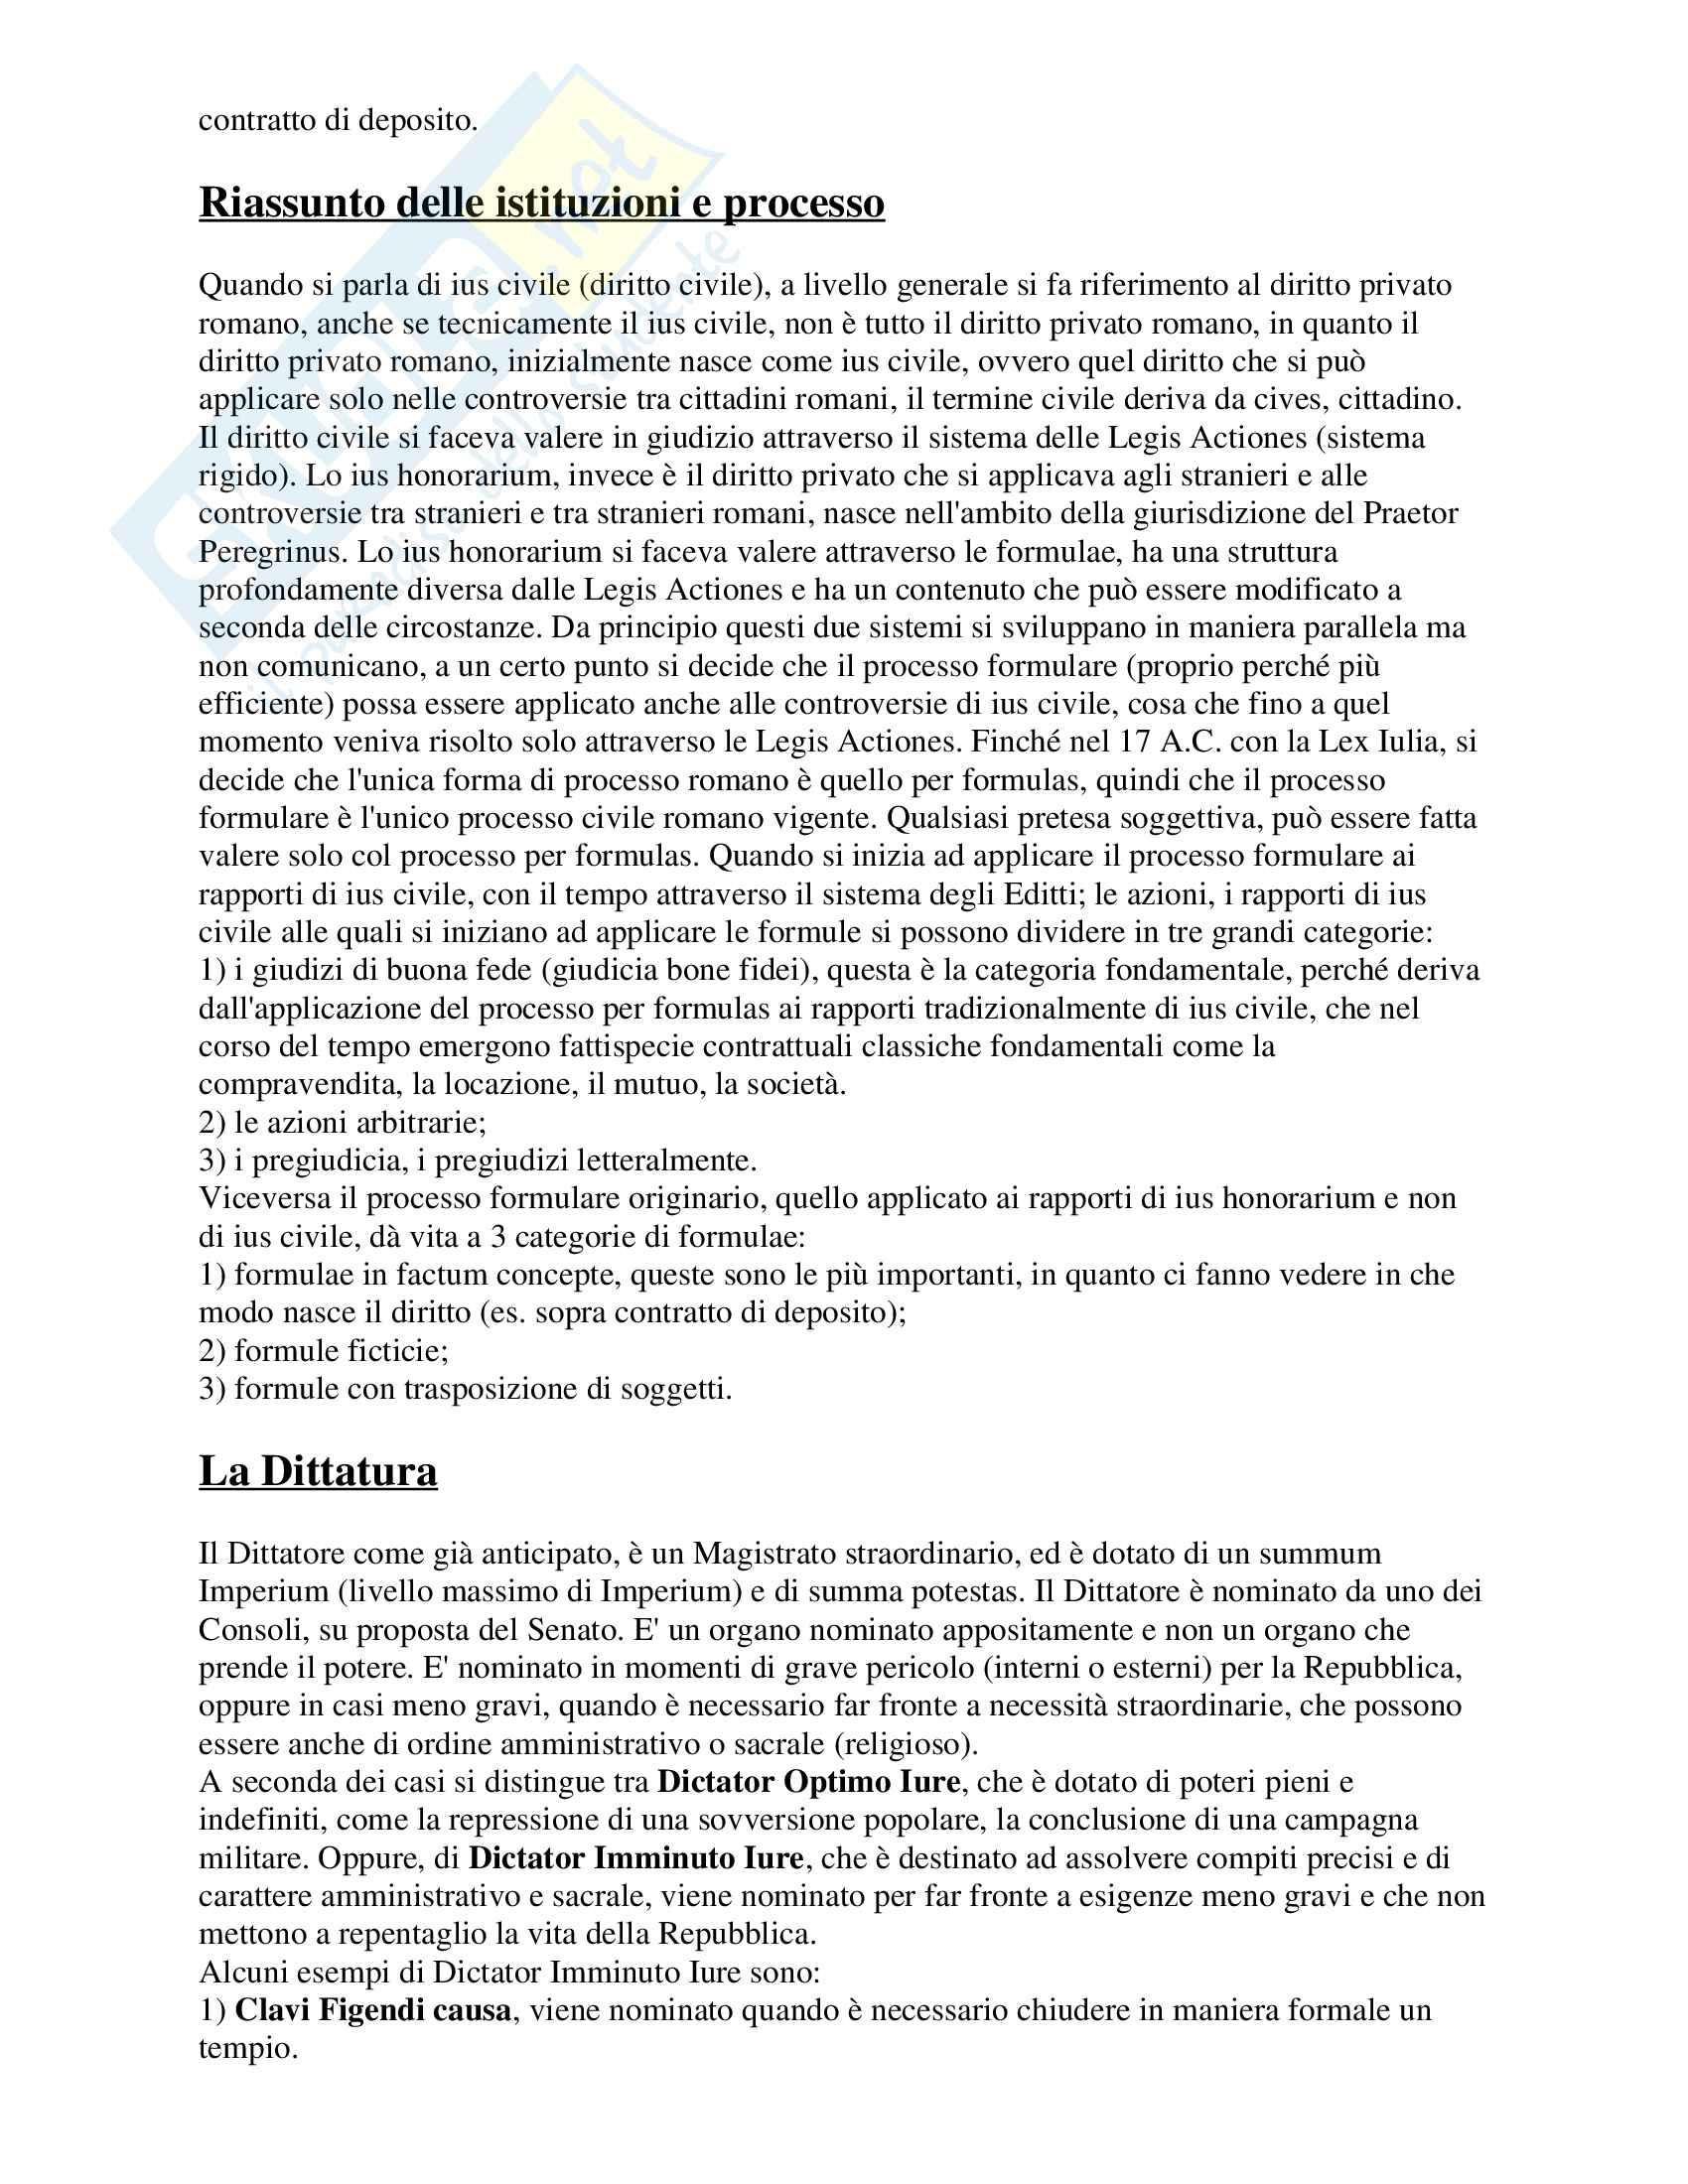 Storia della costituzione romana Pag. 41